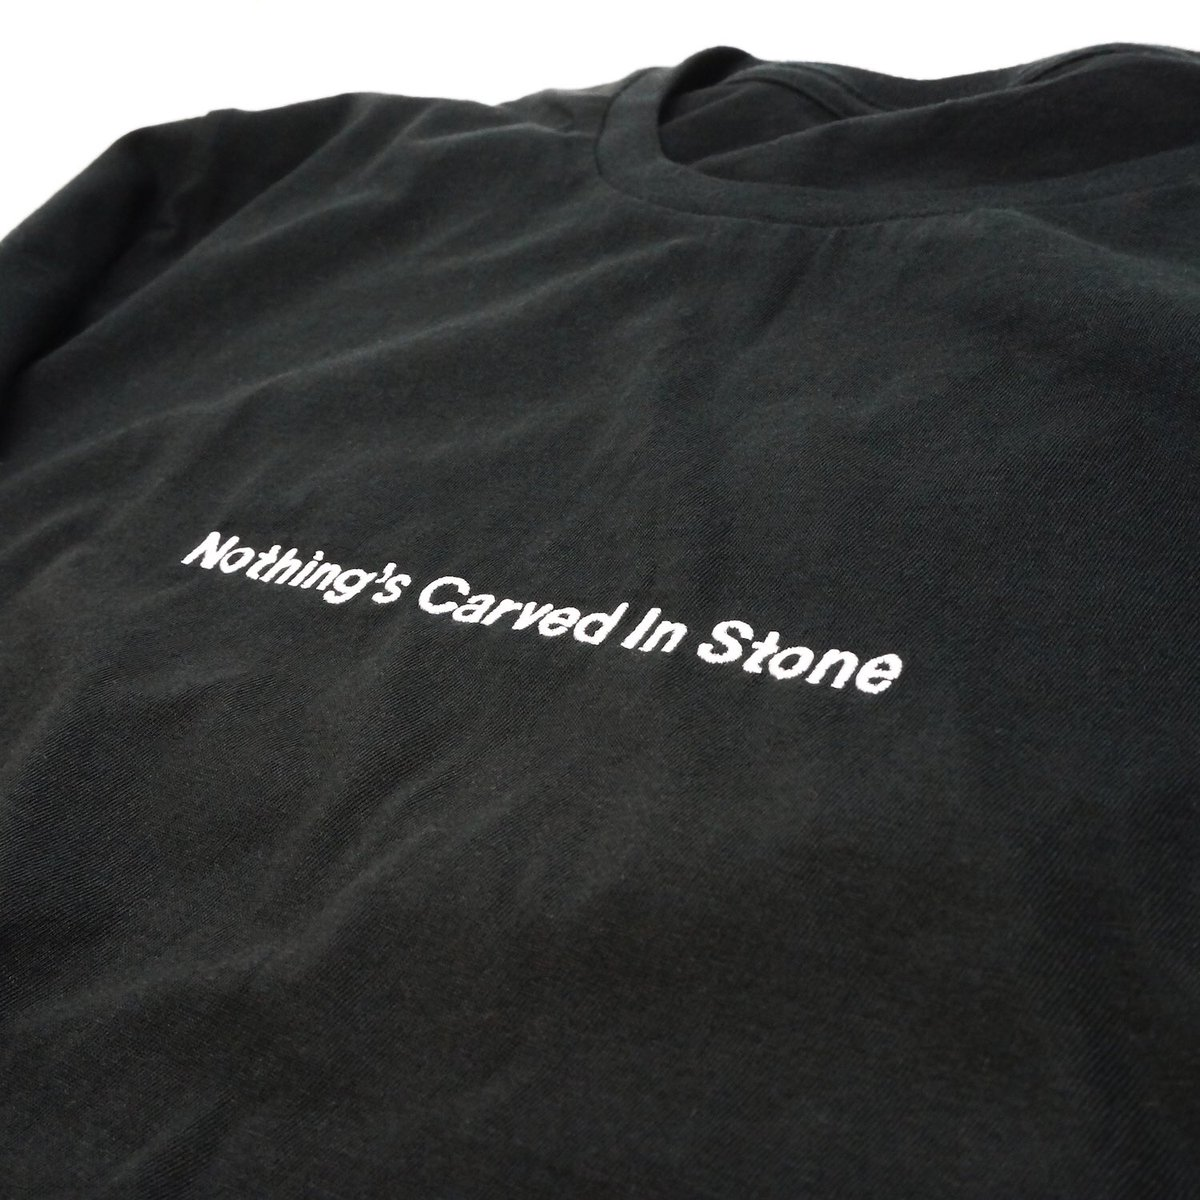 [GOODS情報]10/1からの「Hand In Hand Tour」より下記の新GOODSを販売いたします。 Hand In Hand Tシャツ SIZE S/M/L/XL ¥3,000 ※FRONTは刺繍です